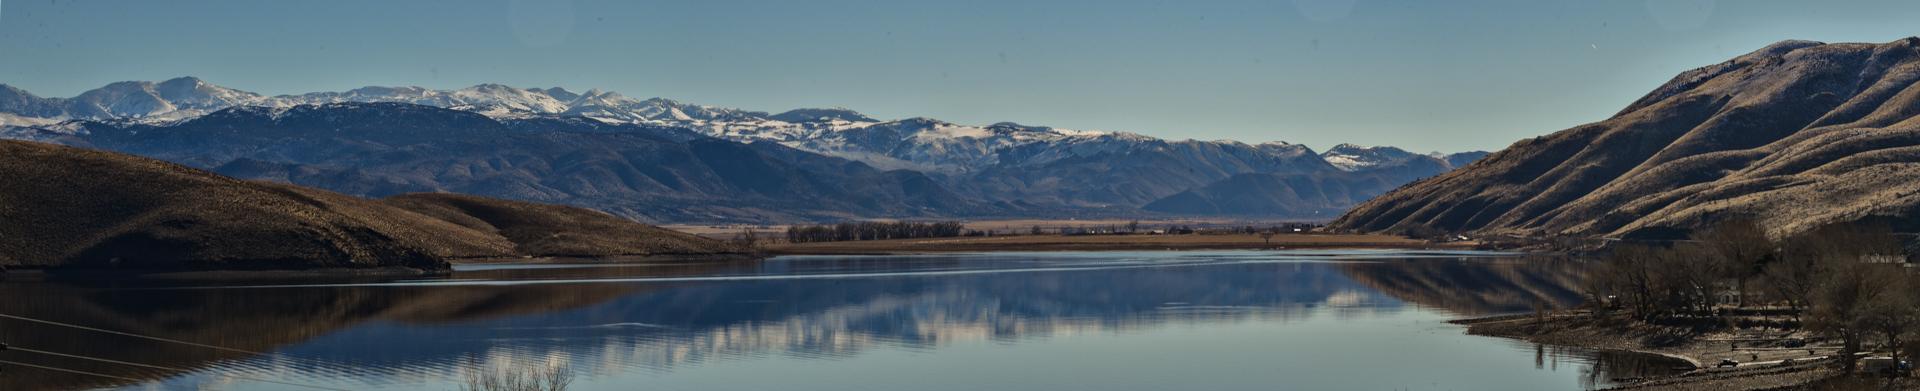 Mono Lake, © Emmaleigh Hundley